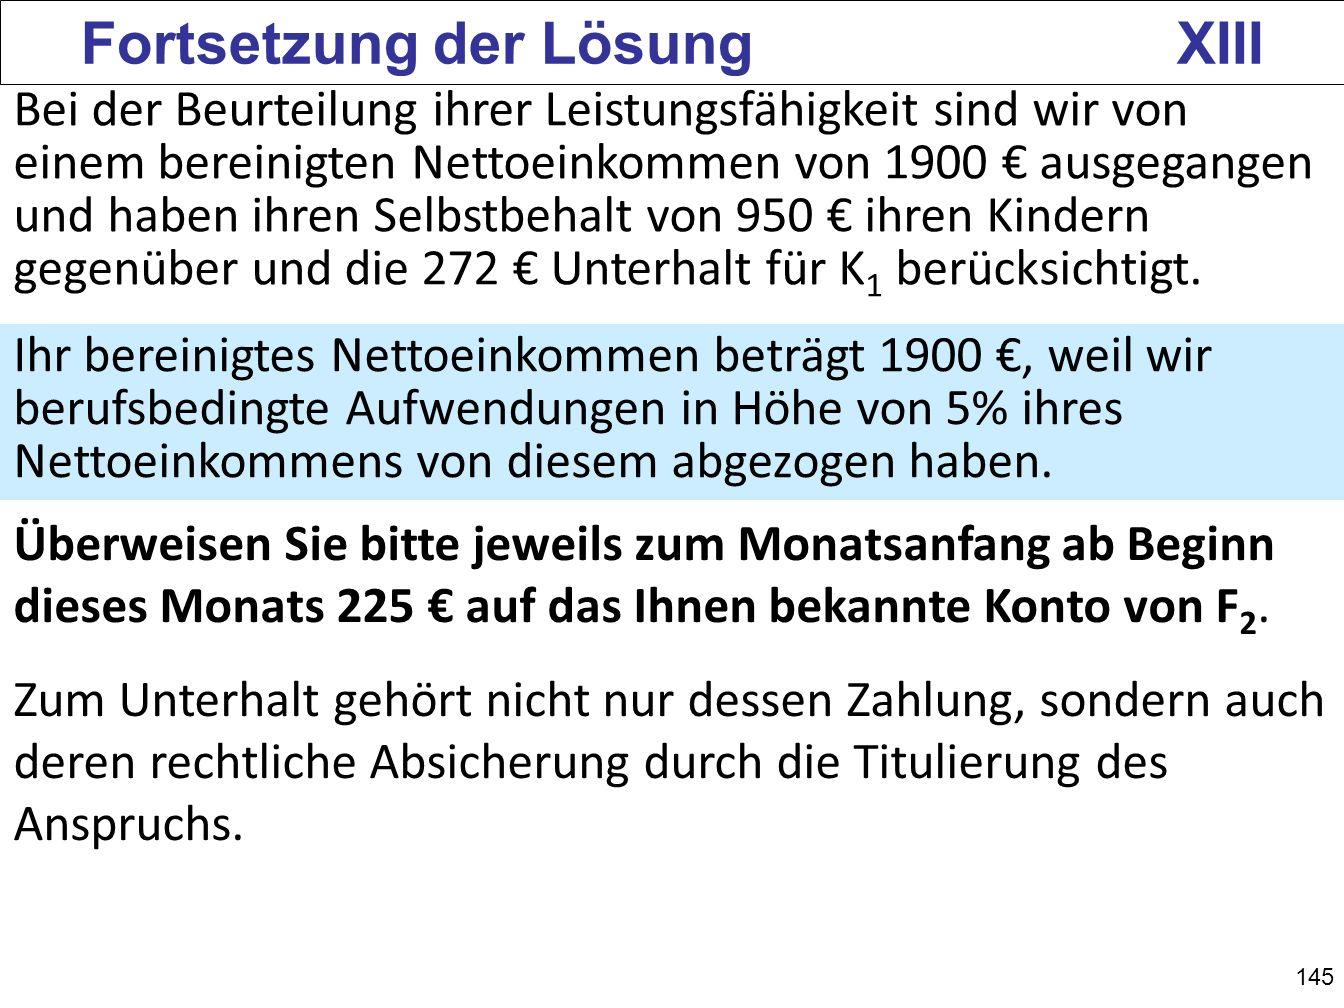 145 Fortsetzung der Lösung XIII Bei der Beurteilung ihrer Leistungsfähigkeit sind wir von einem bereinigten Nettoeinkommen von 1900 ausgegangen und ha